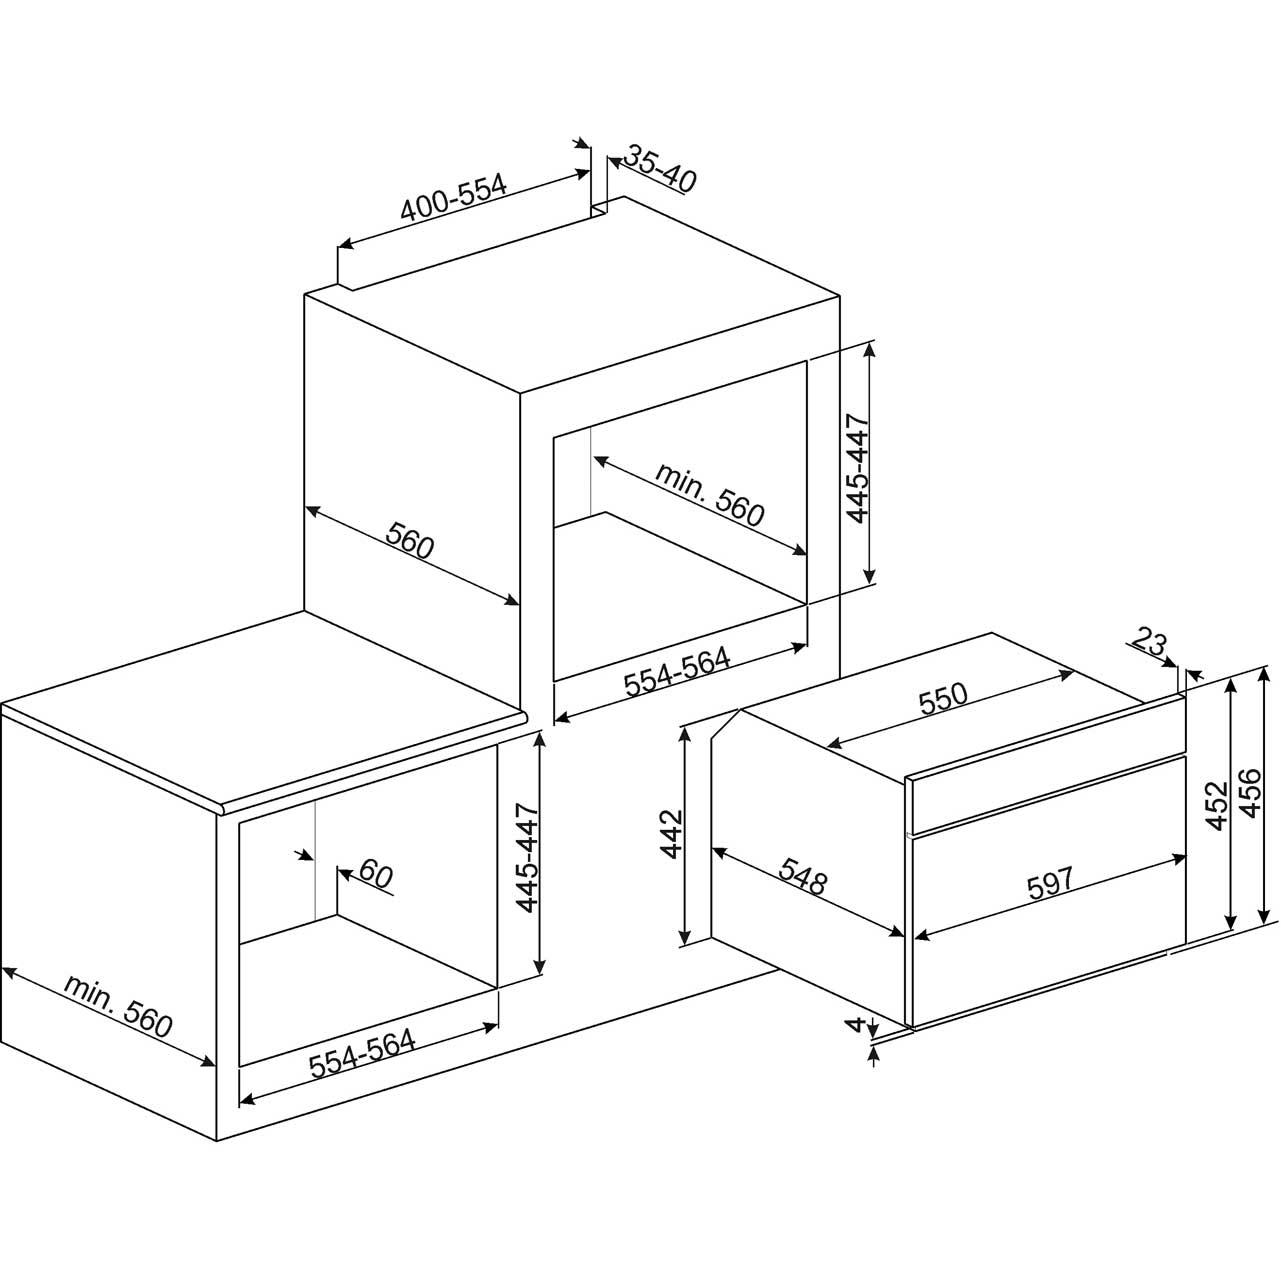 robert s oven wiring diagram - free download wiring diagrams, Wiring diagram